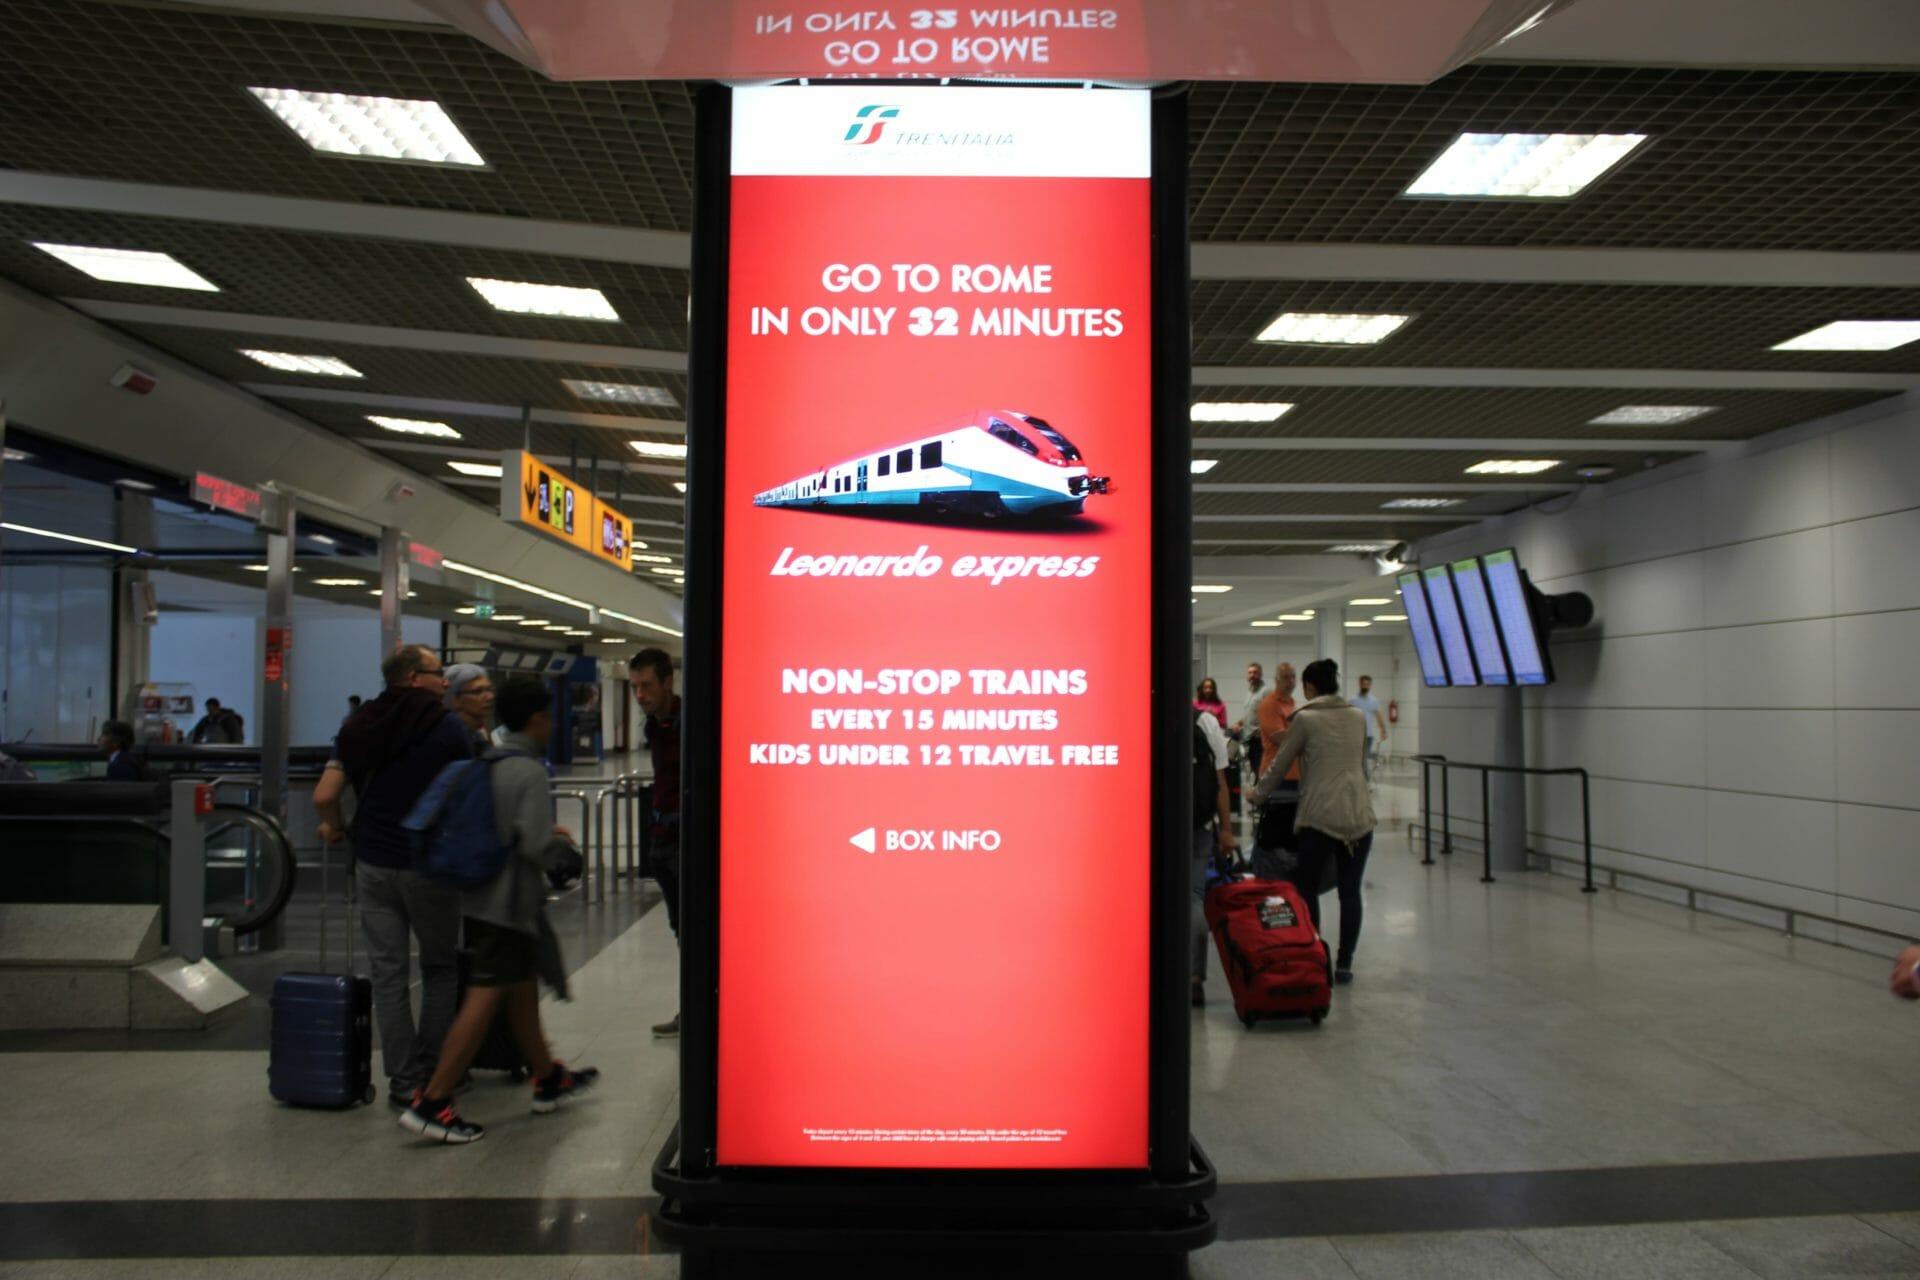 Airport Leonardo Express